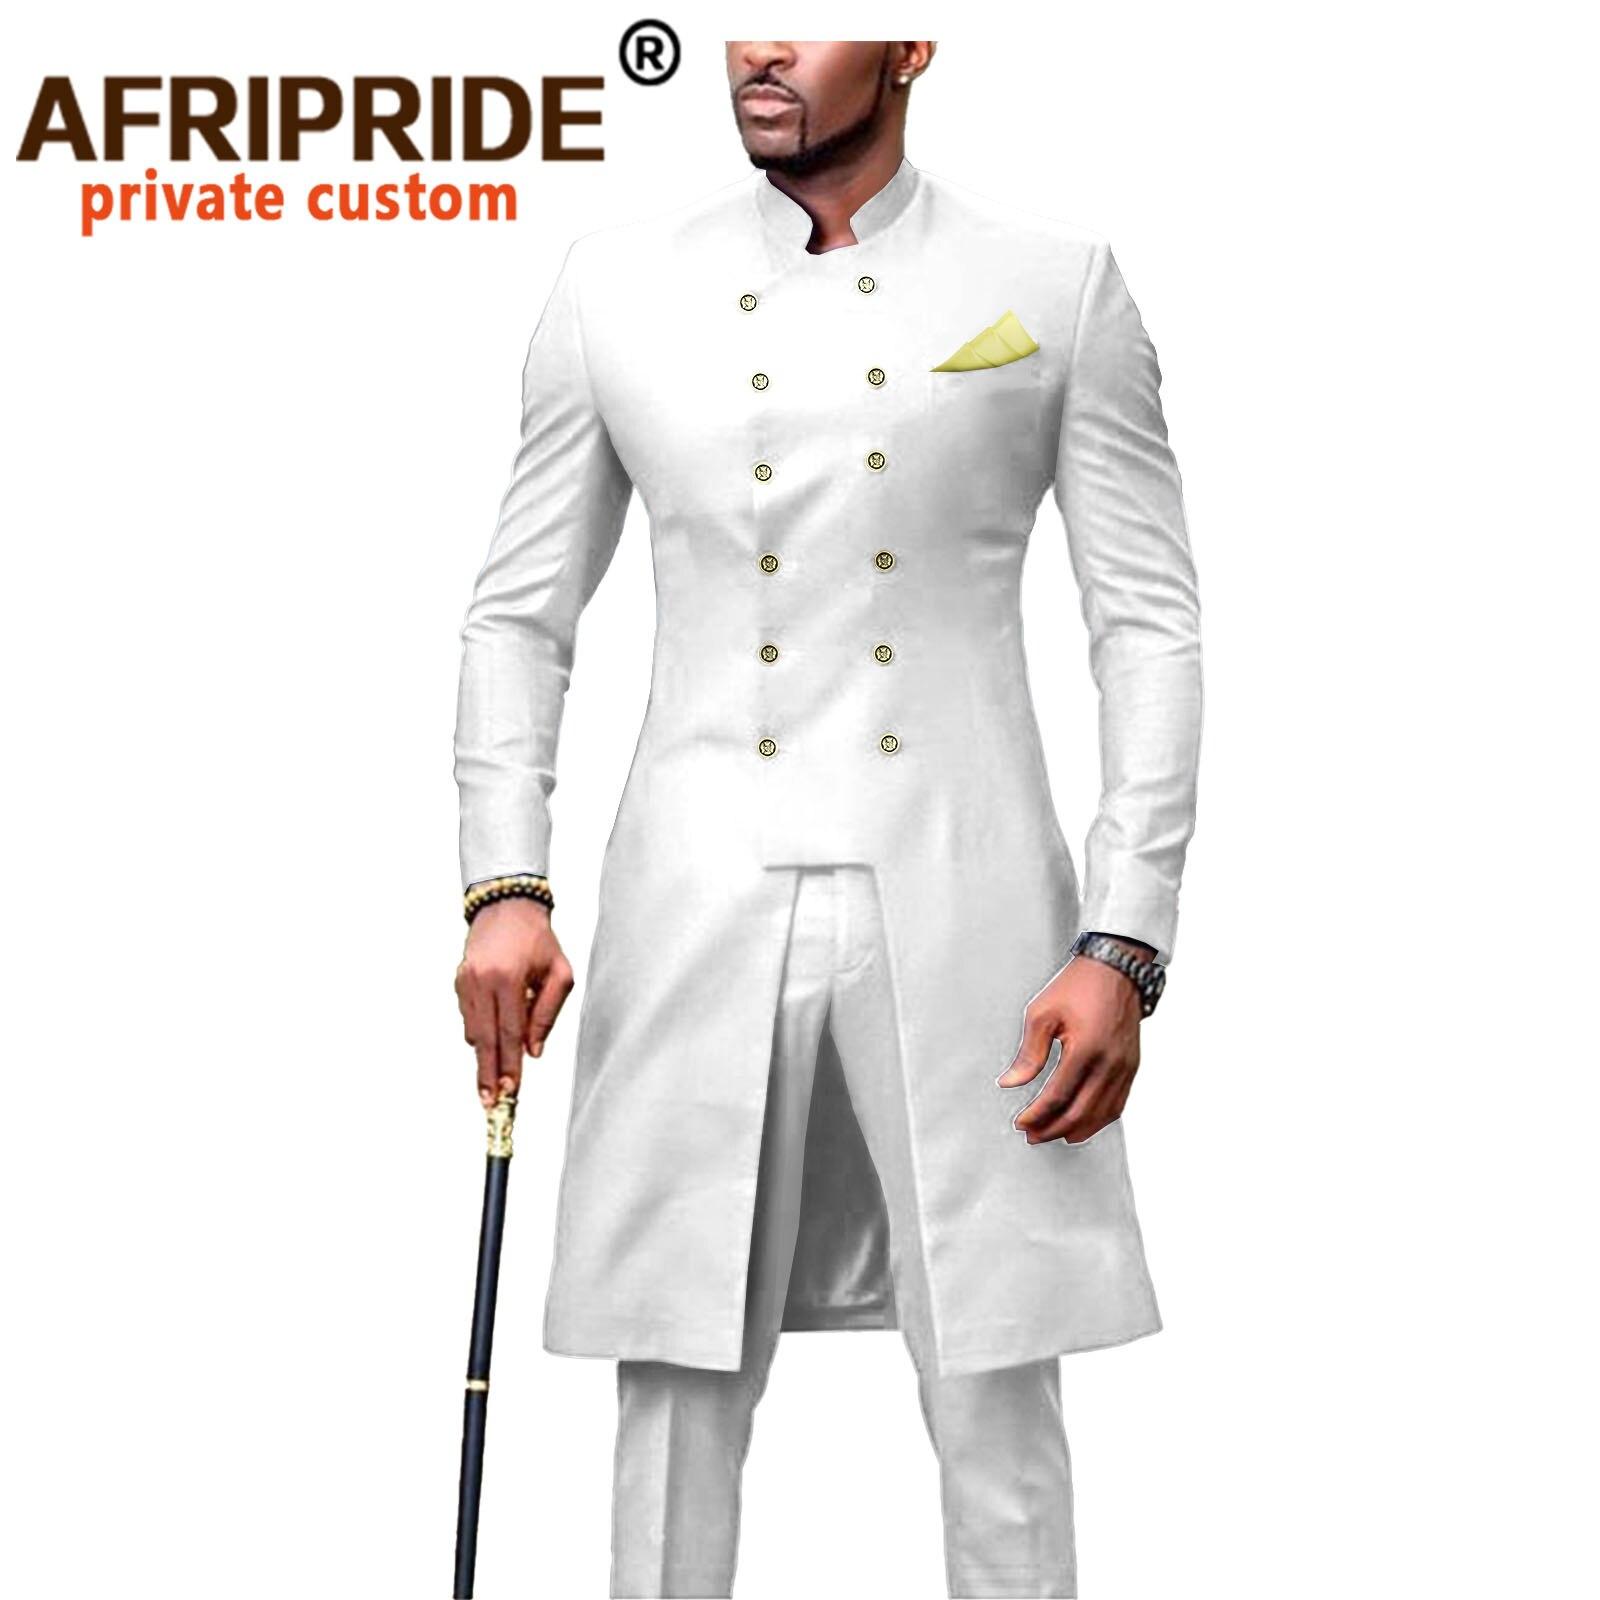 بدلة أفريقية للرجال Dashiki سترات طويلة وسراويل 2 قطعة مع منديل مزدوجة الصدر سليم صالح ملابس رسمية معاطف A2016054